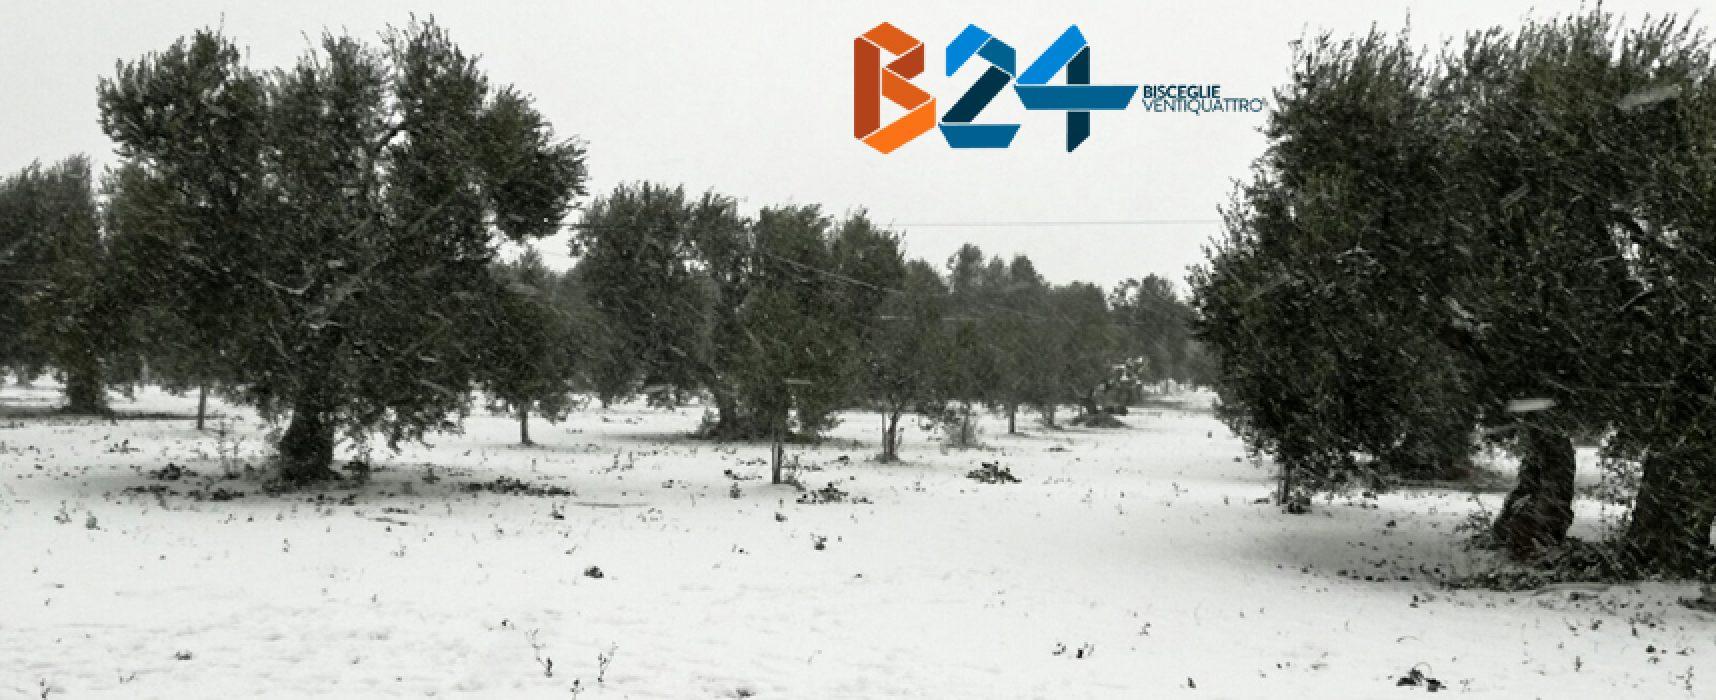 Sindaco chiede lo stato di calamità naturale per la neve di inizio gennaio